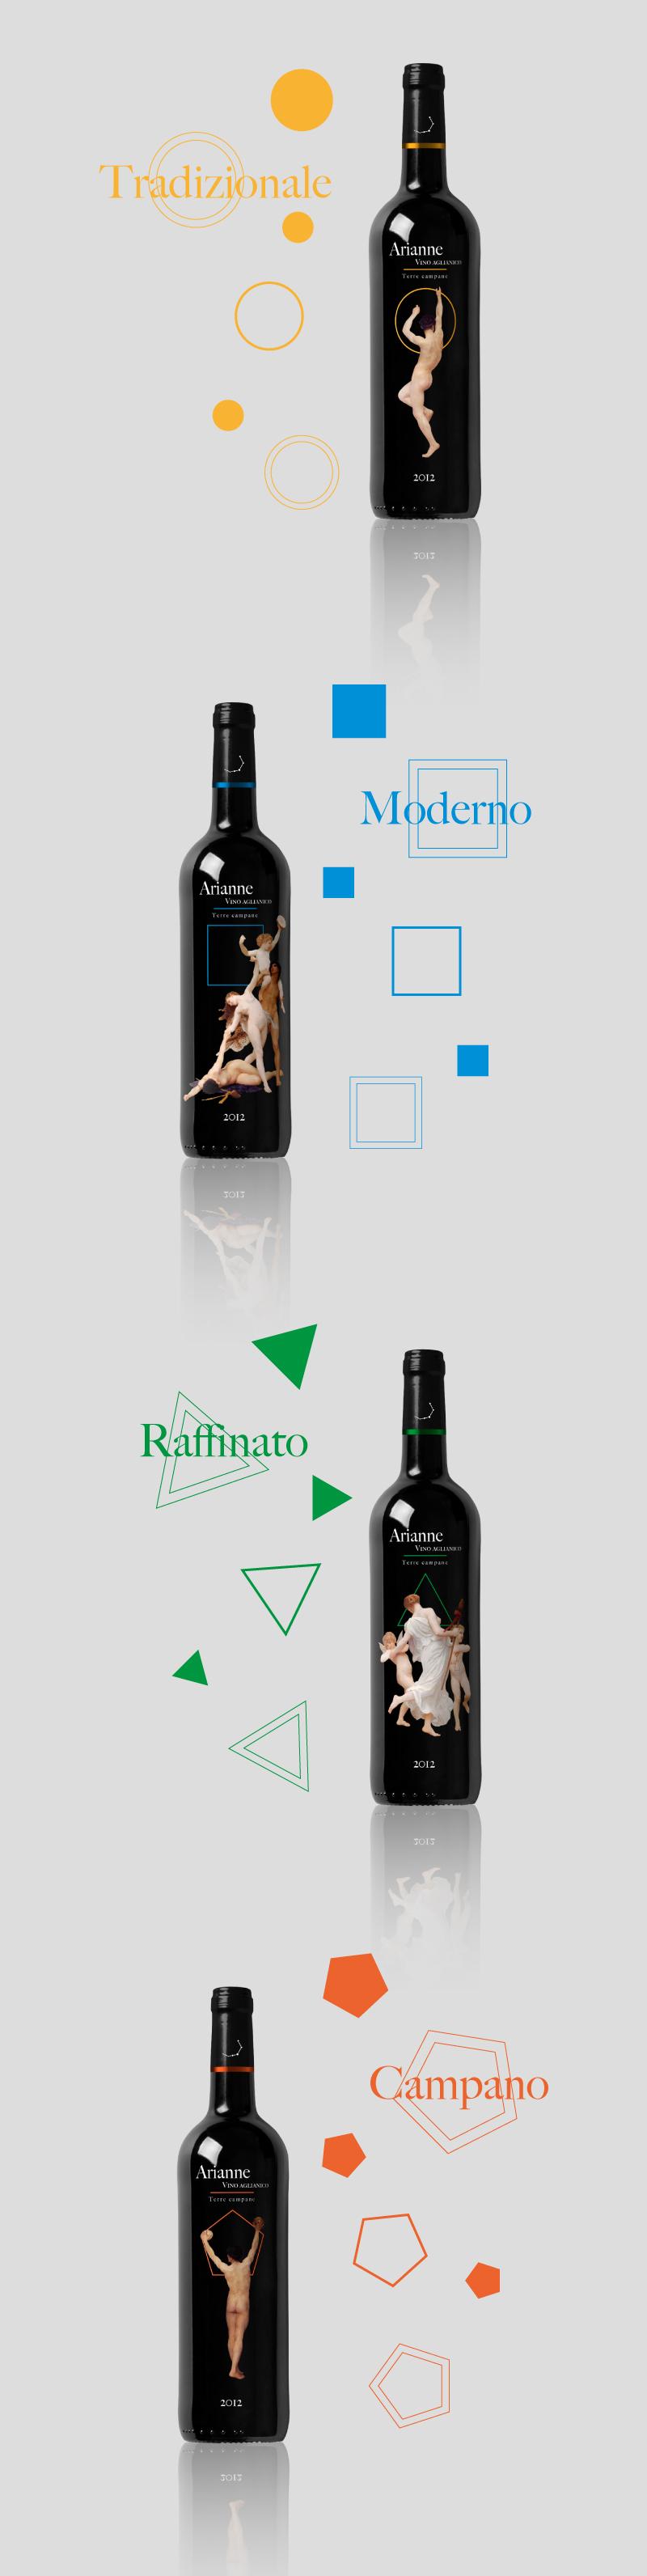 Packaging Portfolio - Bottiglie di vino - Presentazione concept